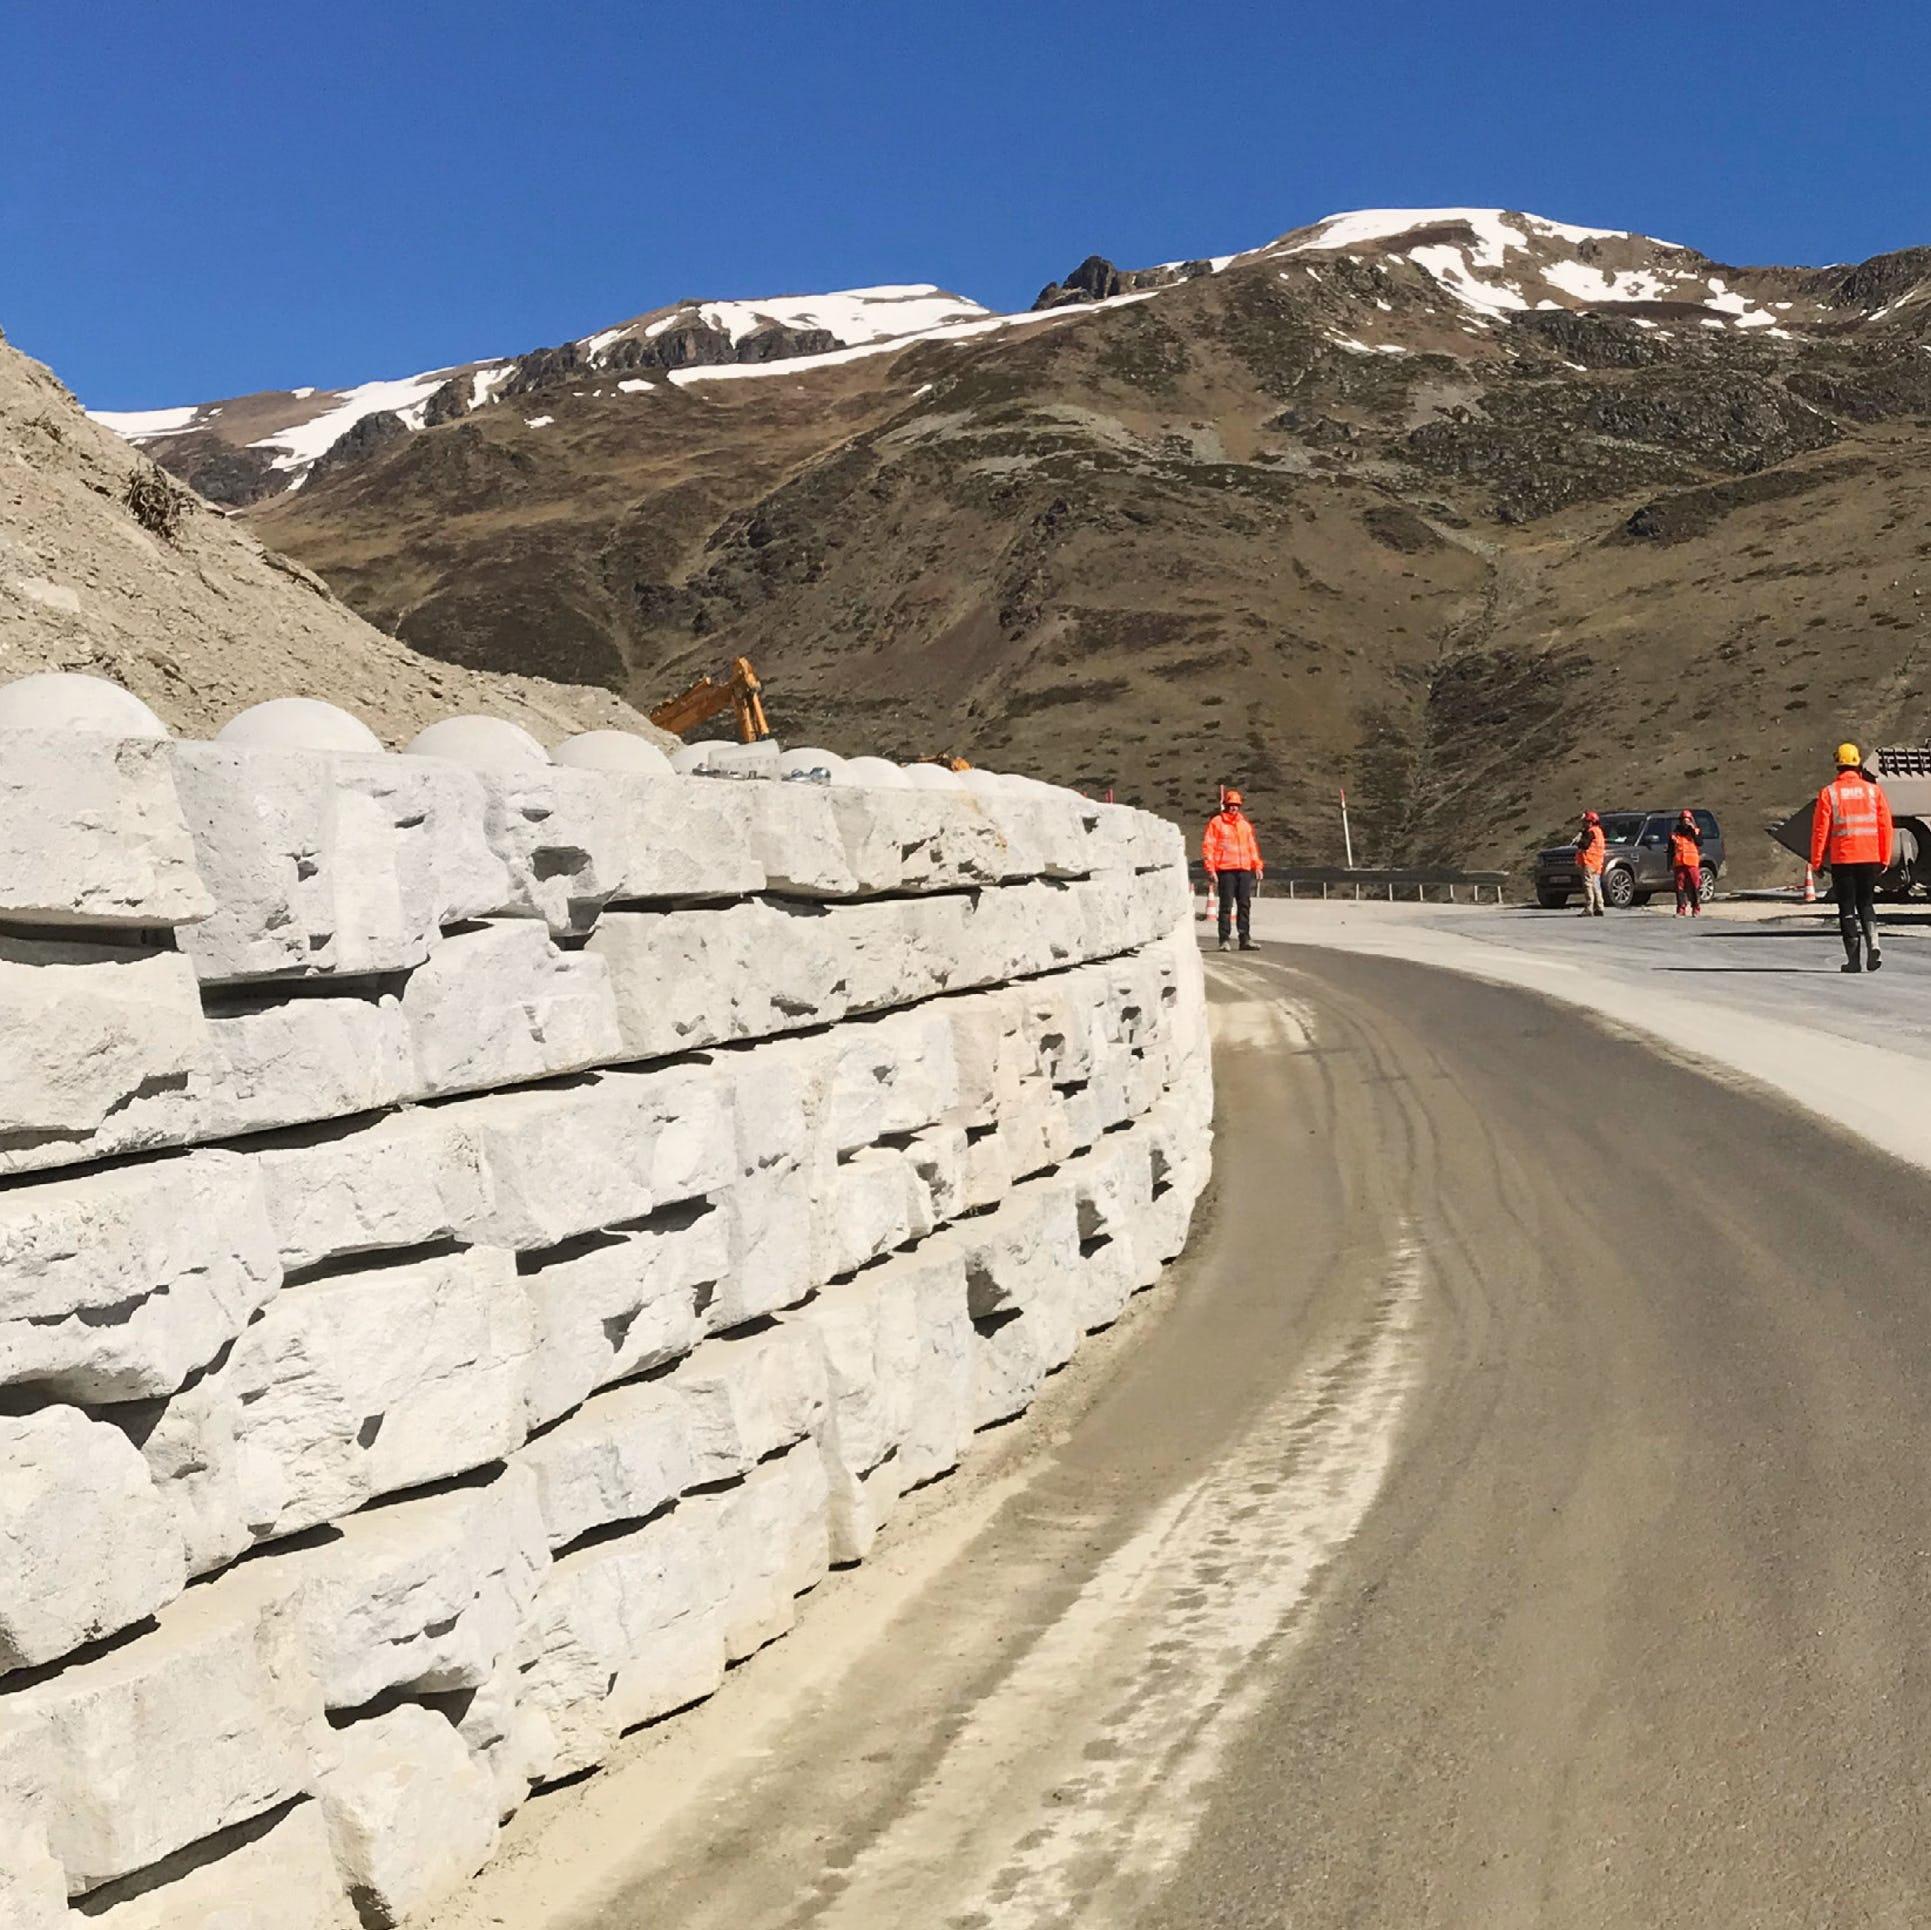 RN22-Landslide-Repair-France-Andorra_2.jpg